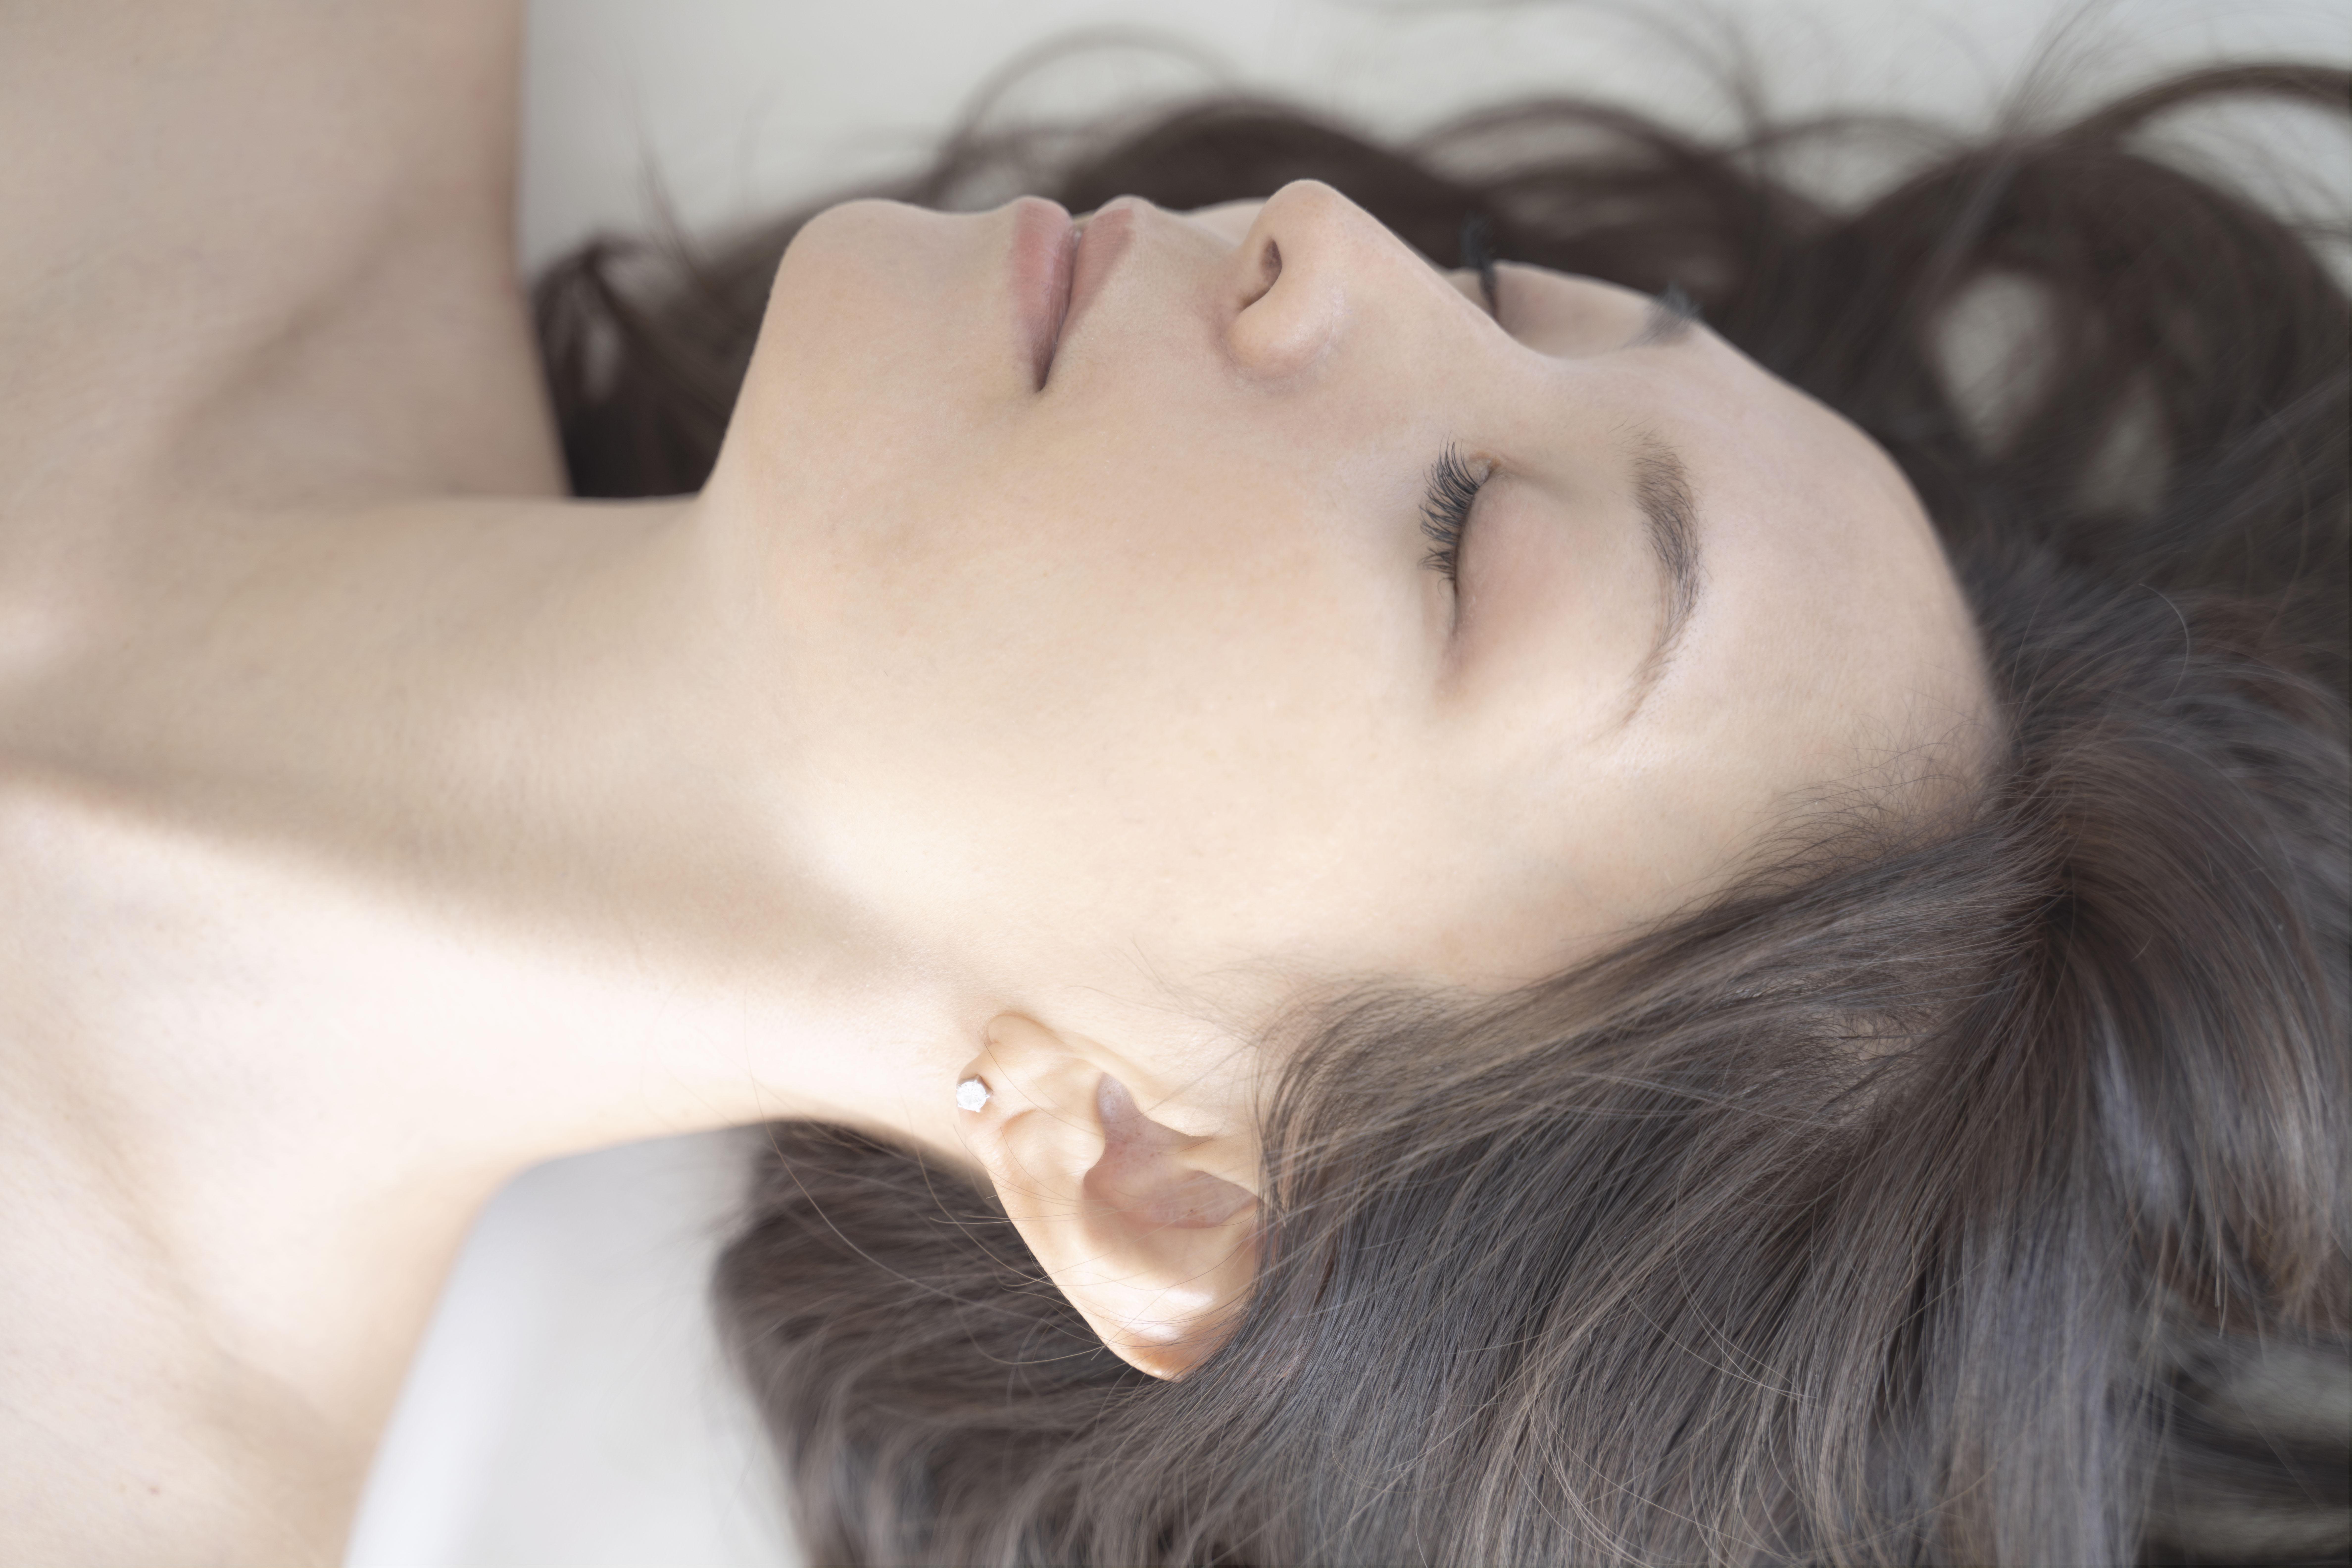 マルラオイル基礎化粧品のCHANTY BEAUTE シャンティ・ボーテ